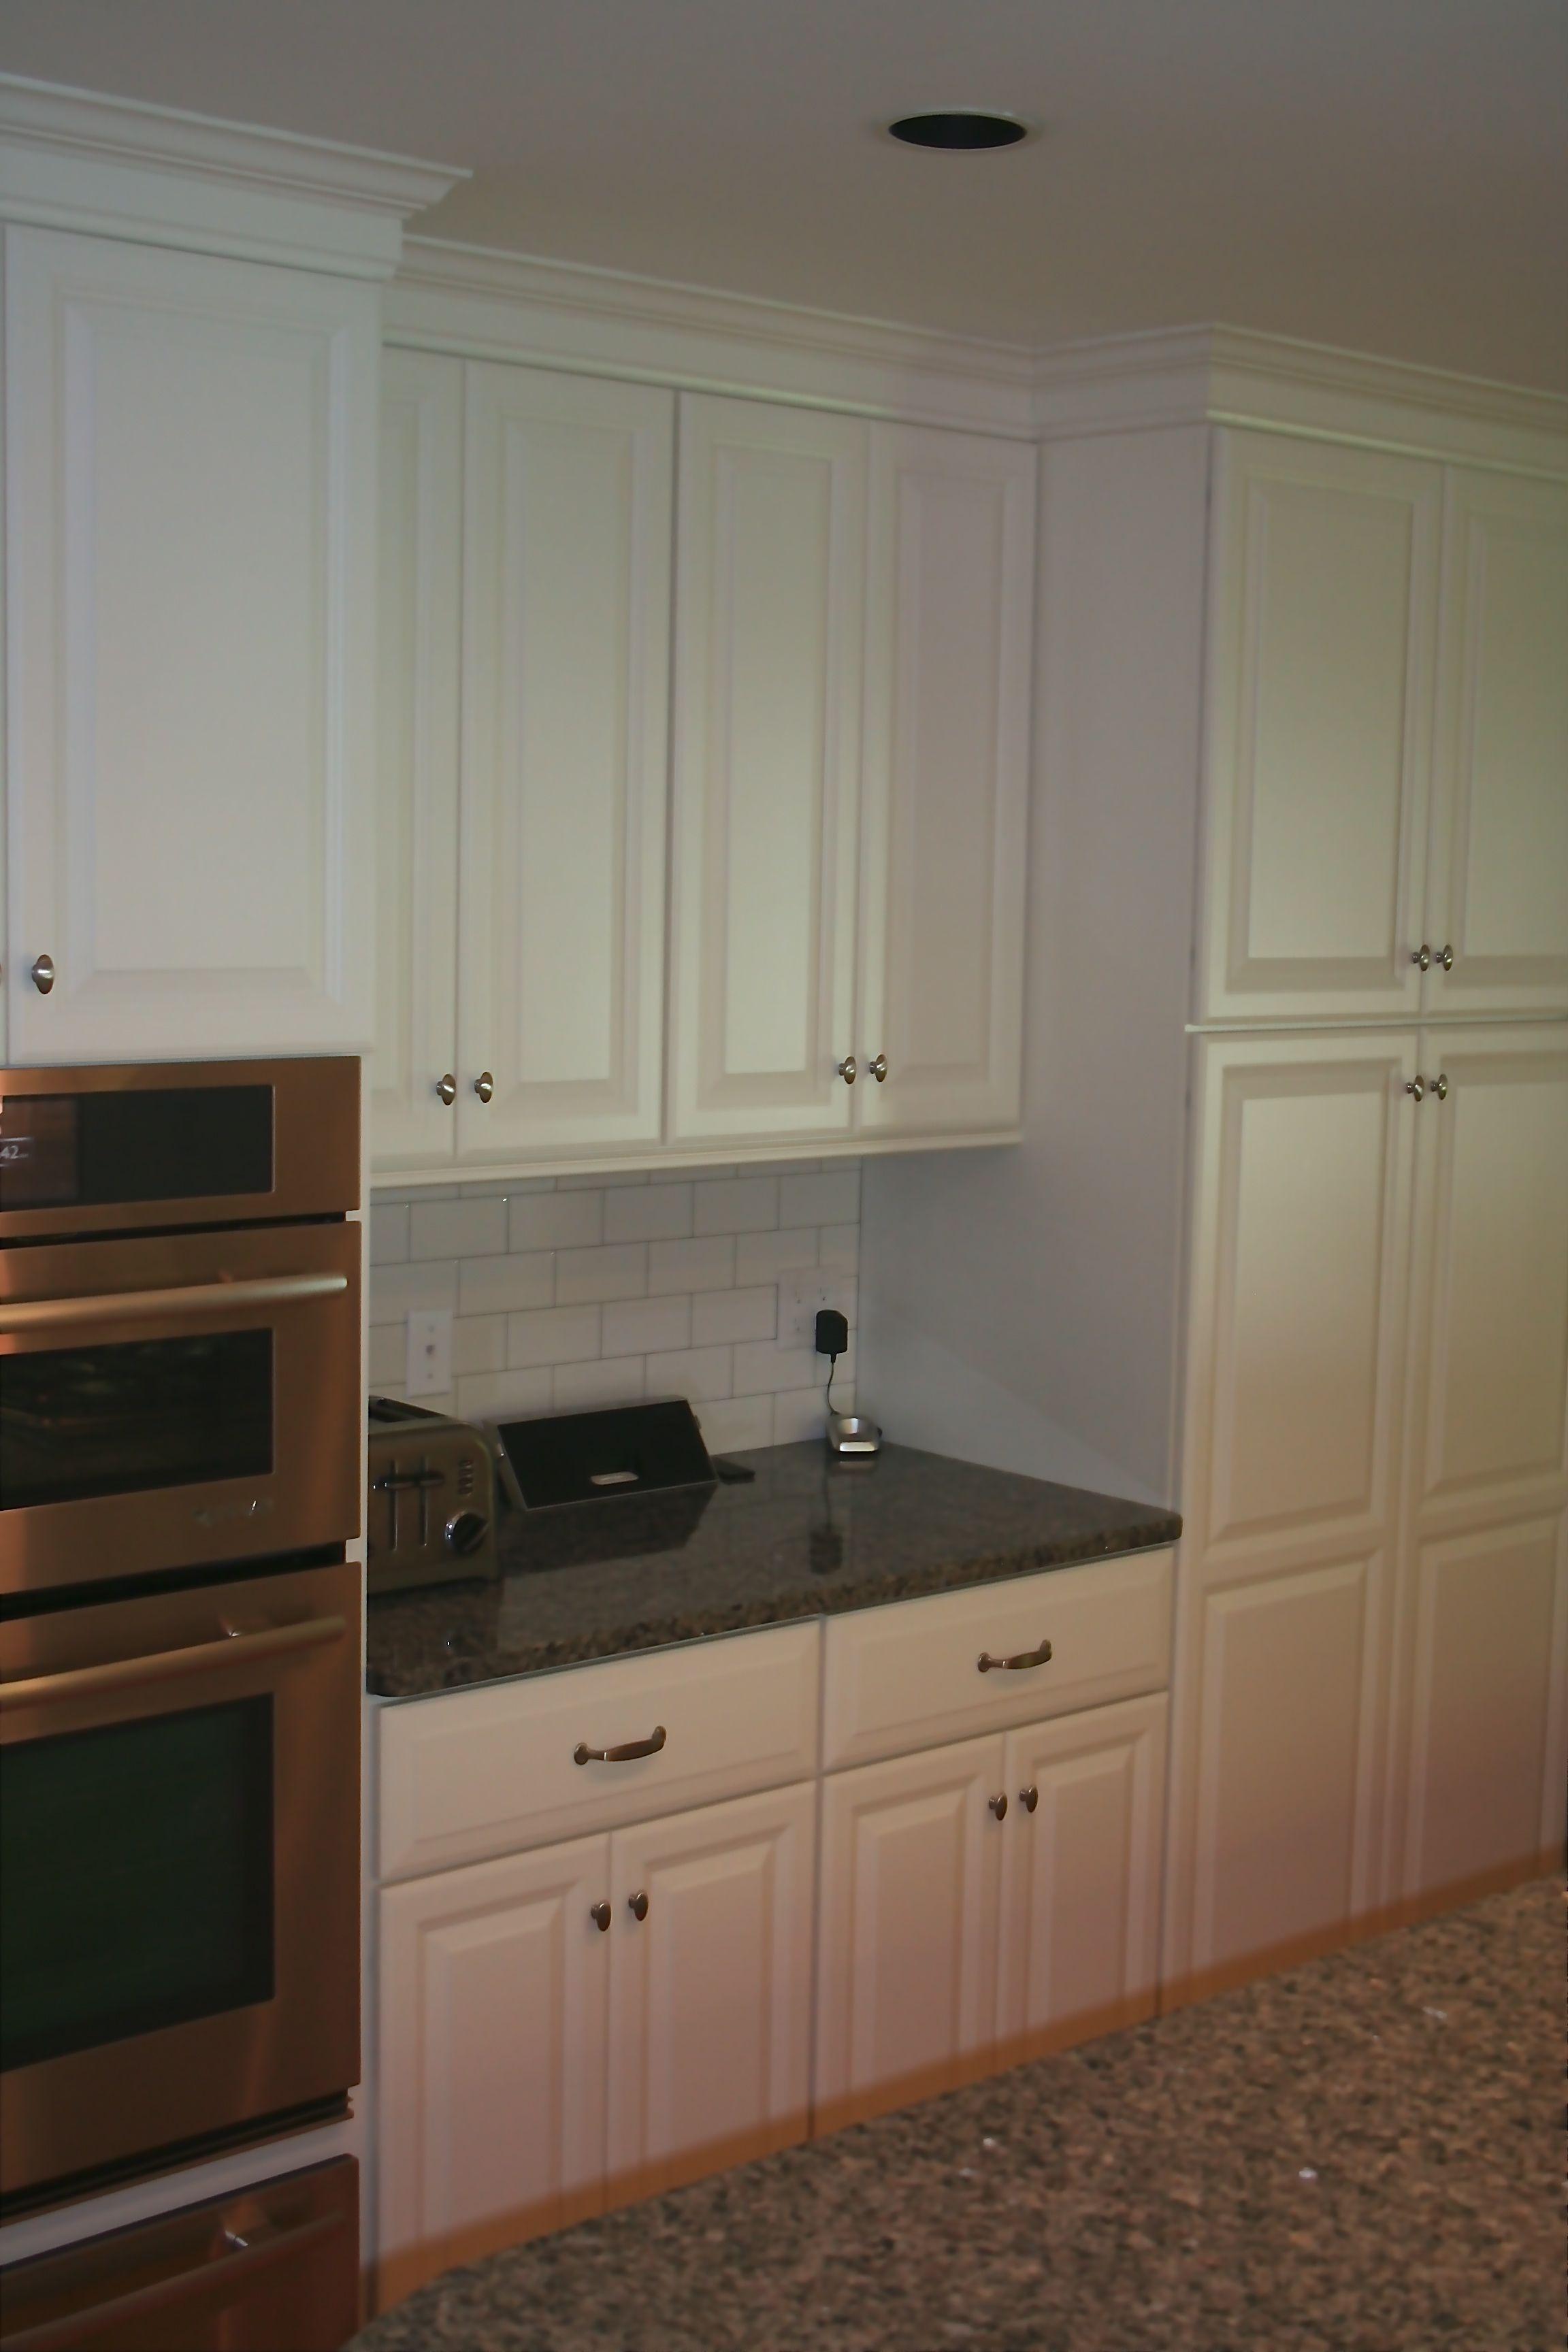 Candlelight Cabinetry In Aurora White Granite Countertop Artic - Daltile aurora